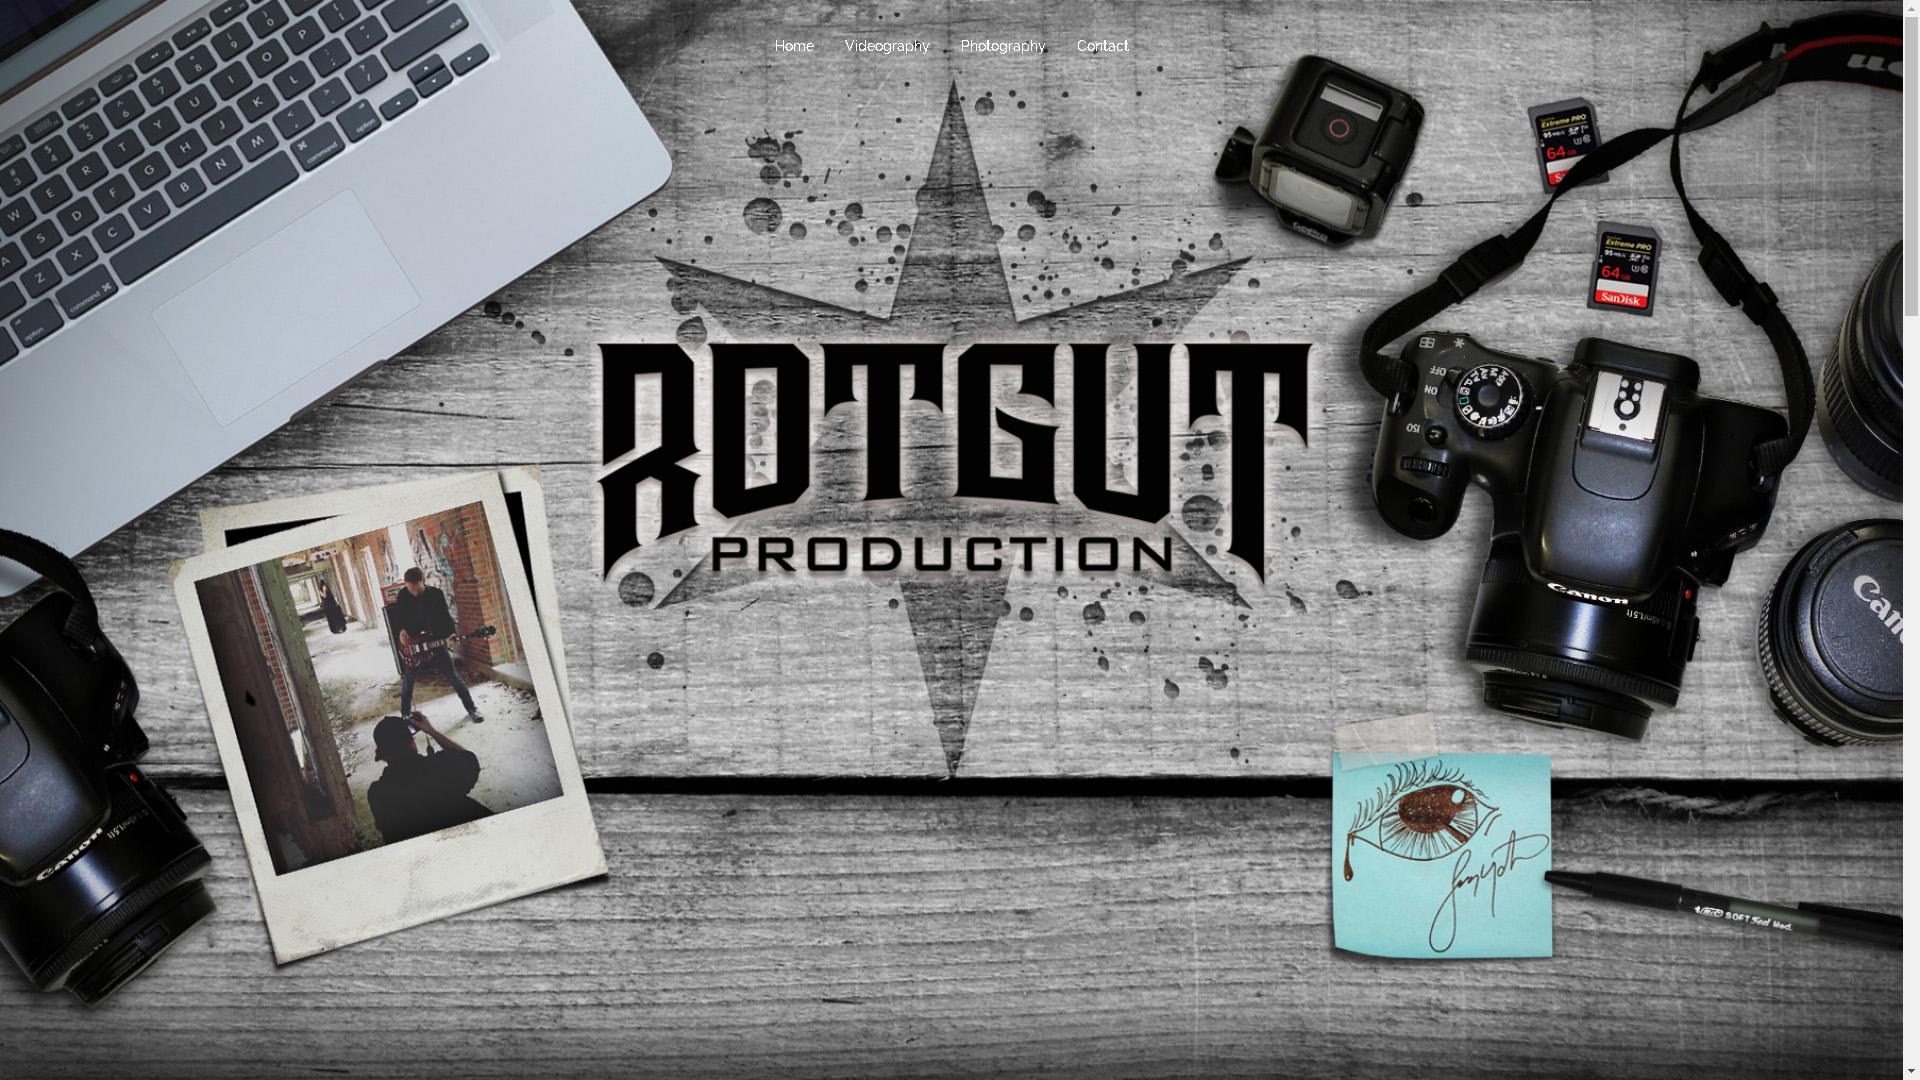 RotgutProduction.com